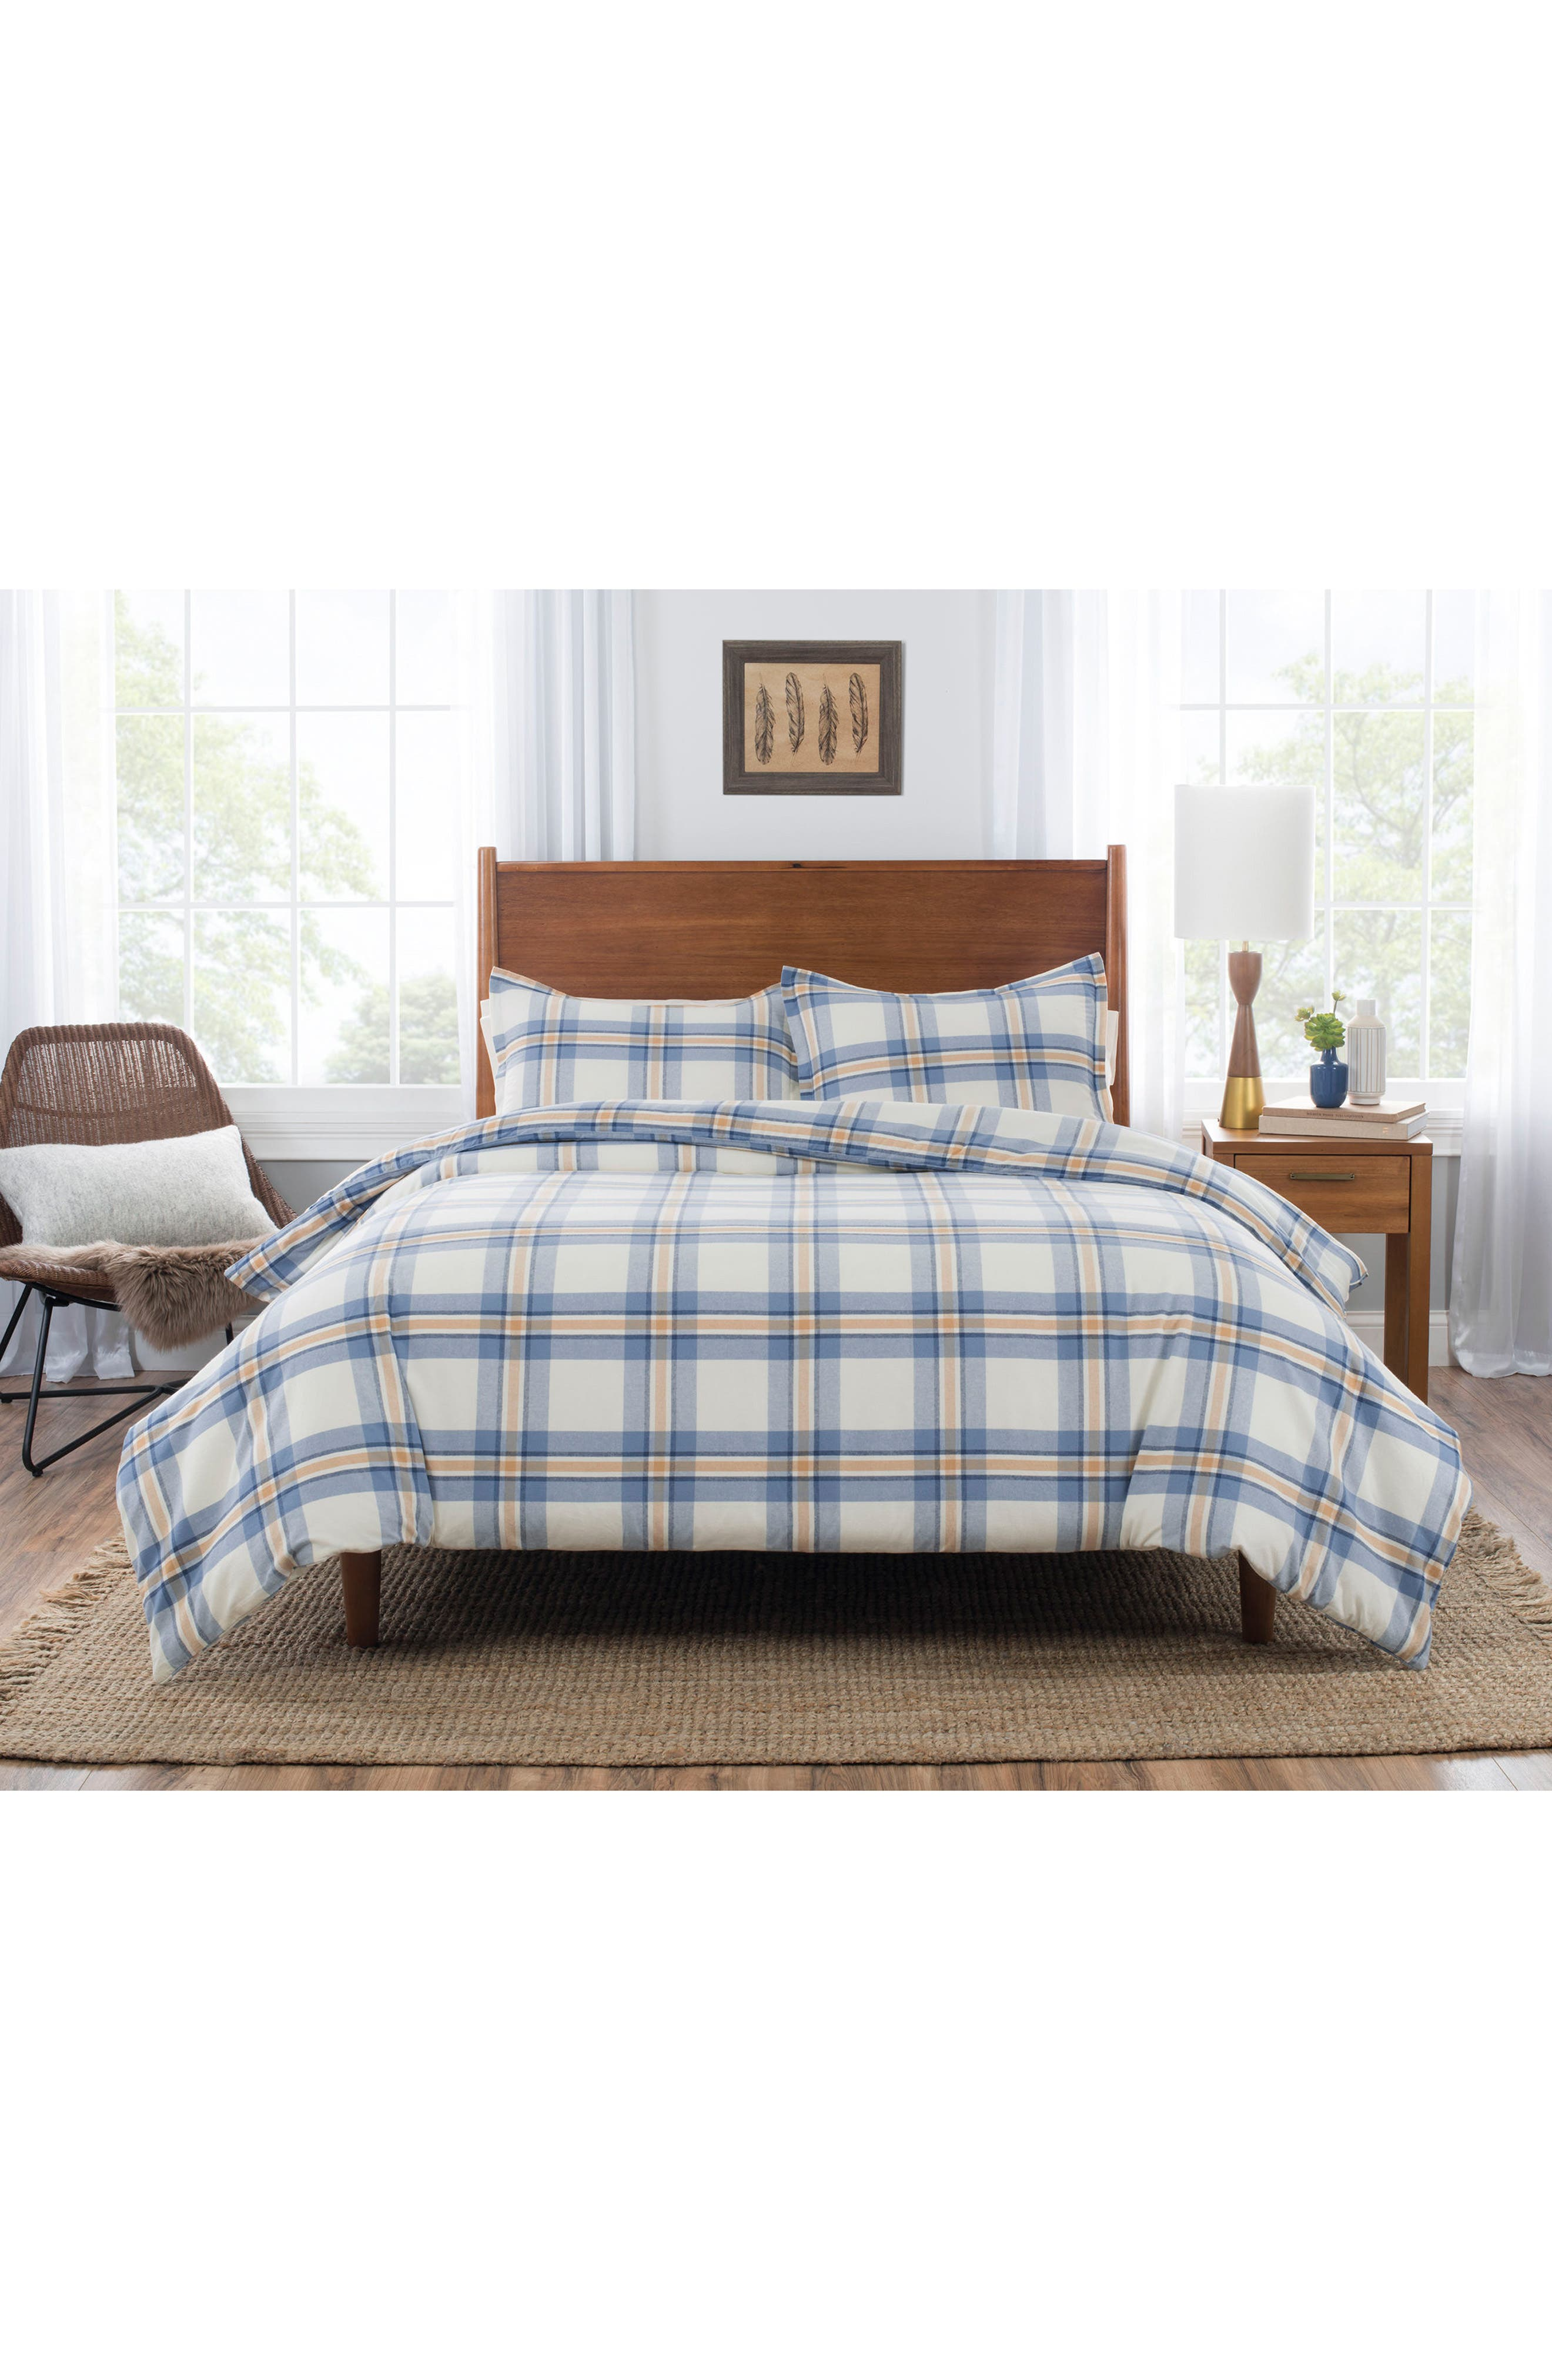 Pinecrest Comforter & Sham Set,                             Main thumbnail 1, color,                             BLUE/ GOLD